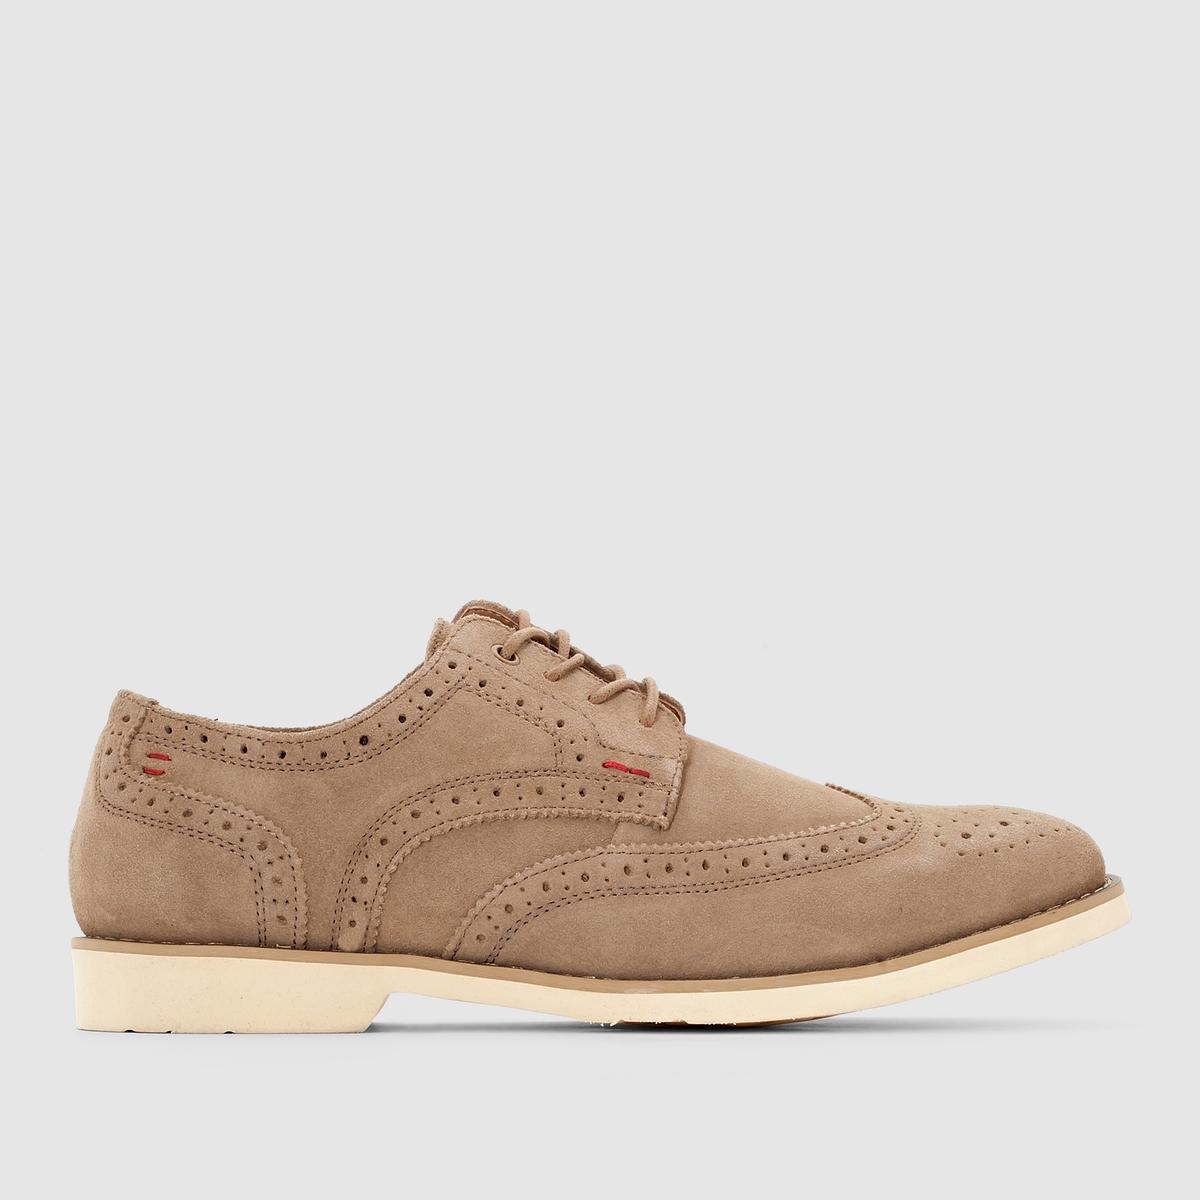 Ботинки-дерби кожаные HUSH PUPPIES FLOWER ботинки дерби кожаные gilman cap